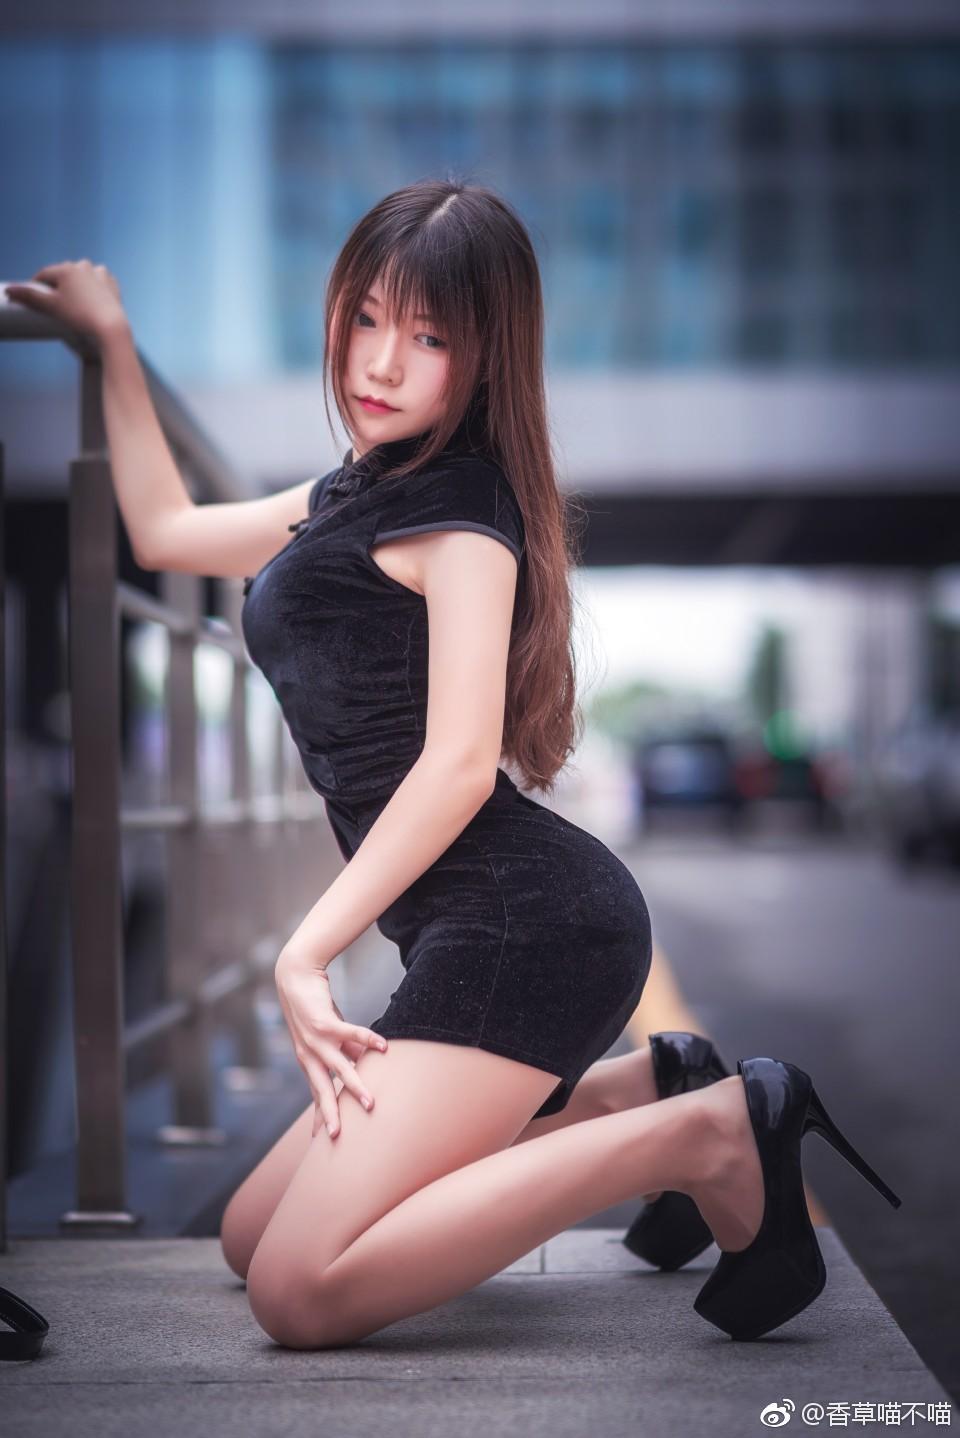 今日微博妹子图推荐@香草帕帕 小黑兔的日常